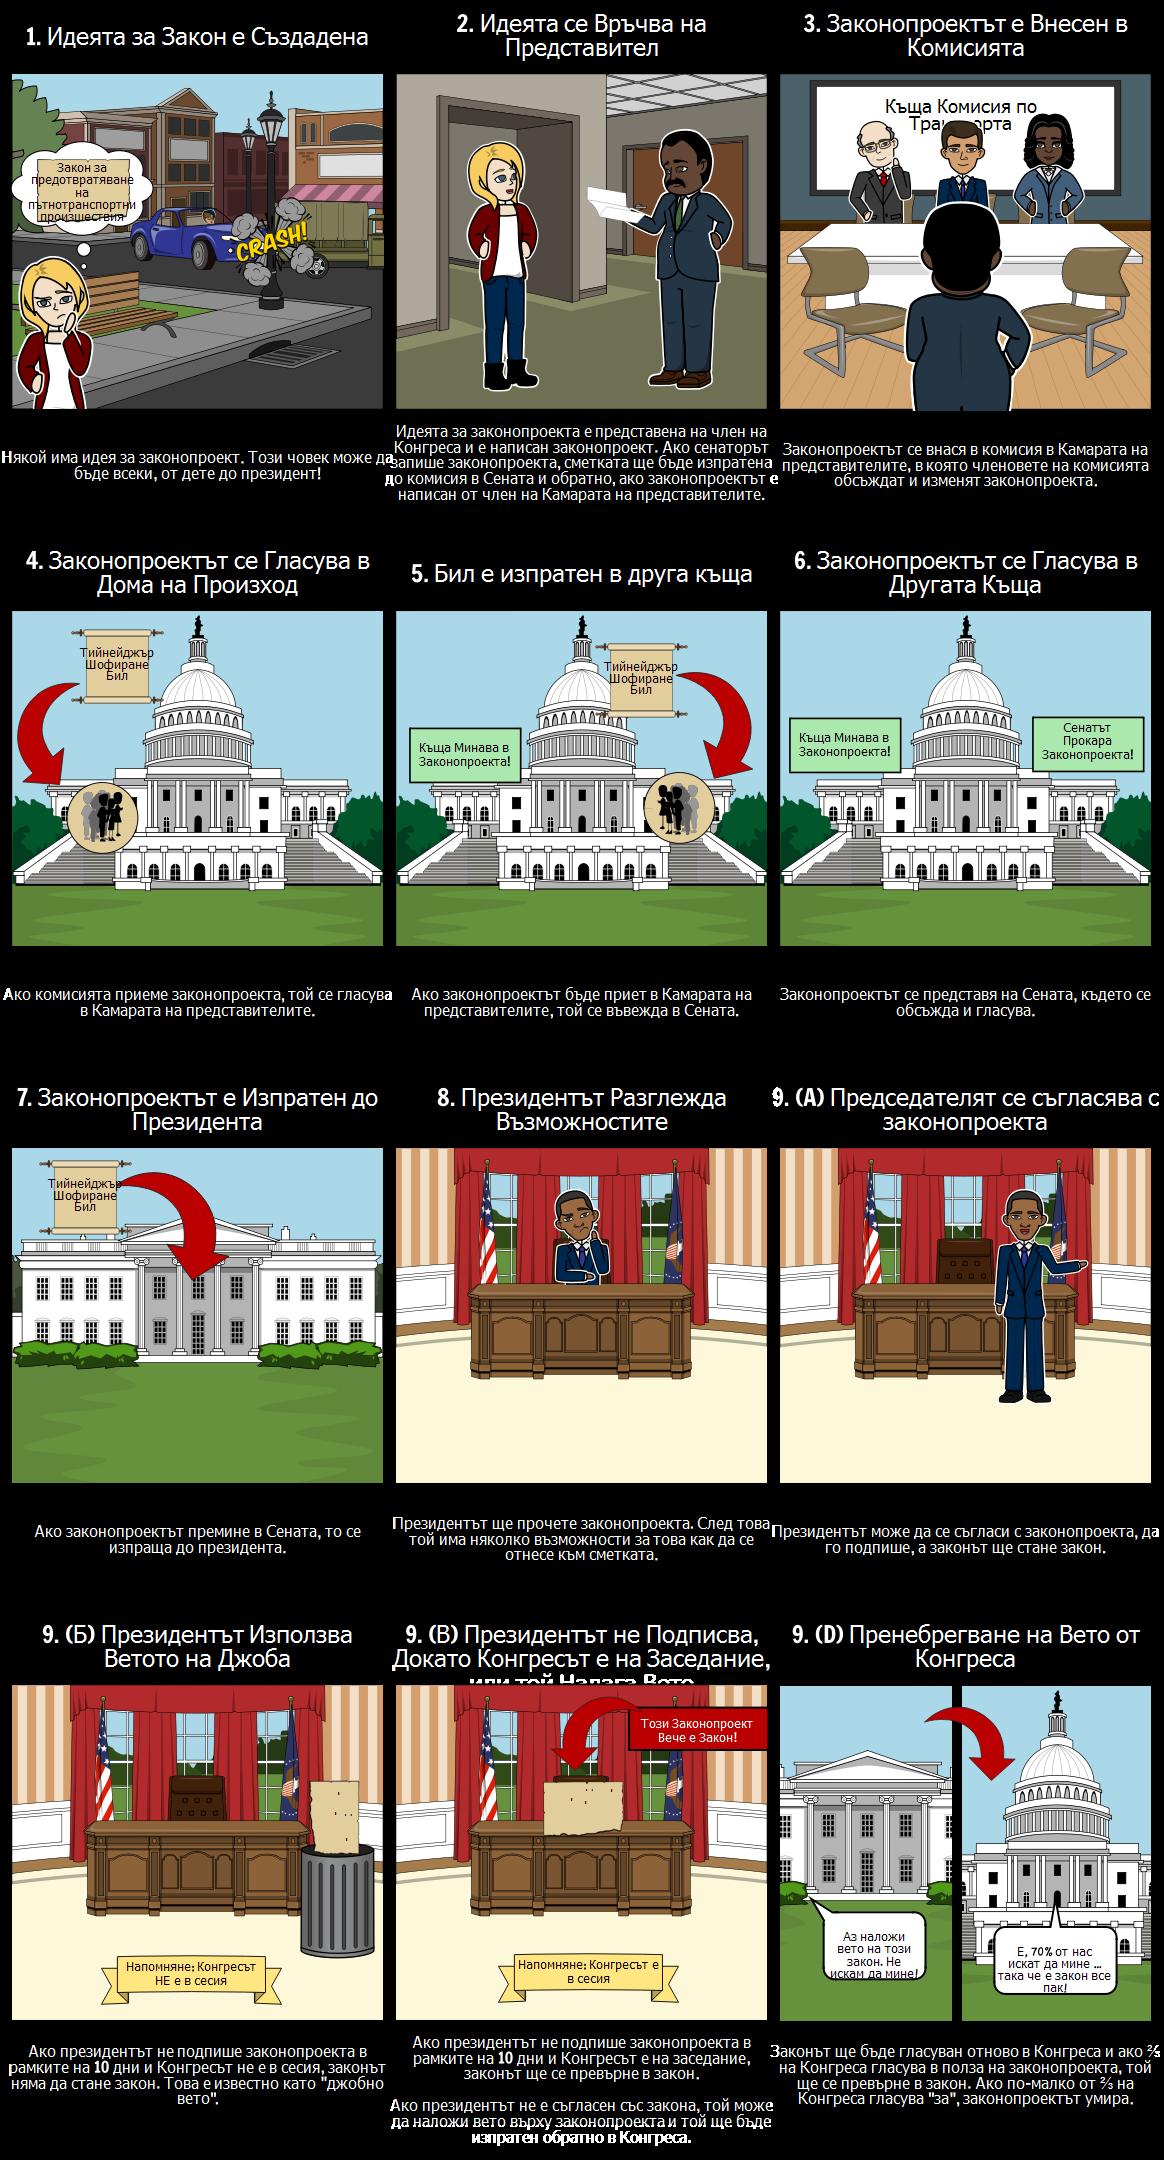 Как Законопроектът Става Закон